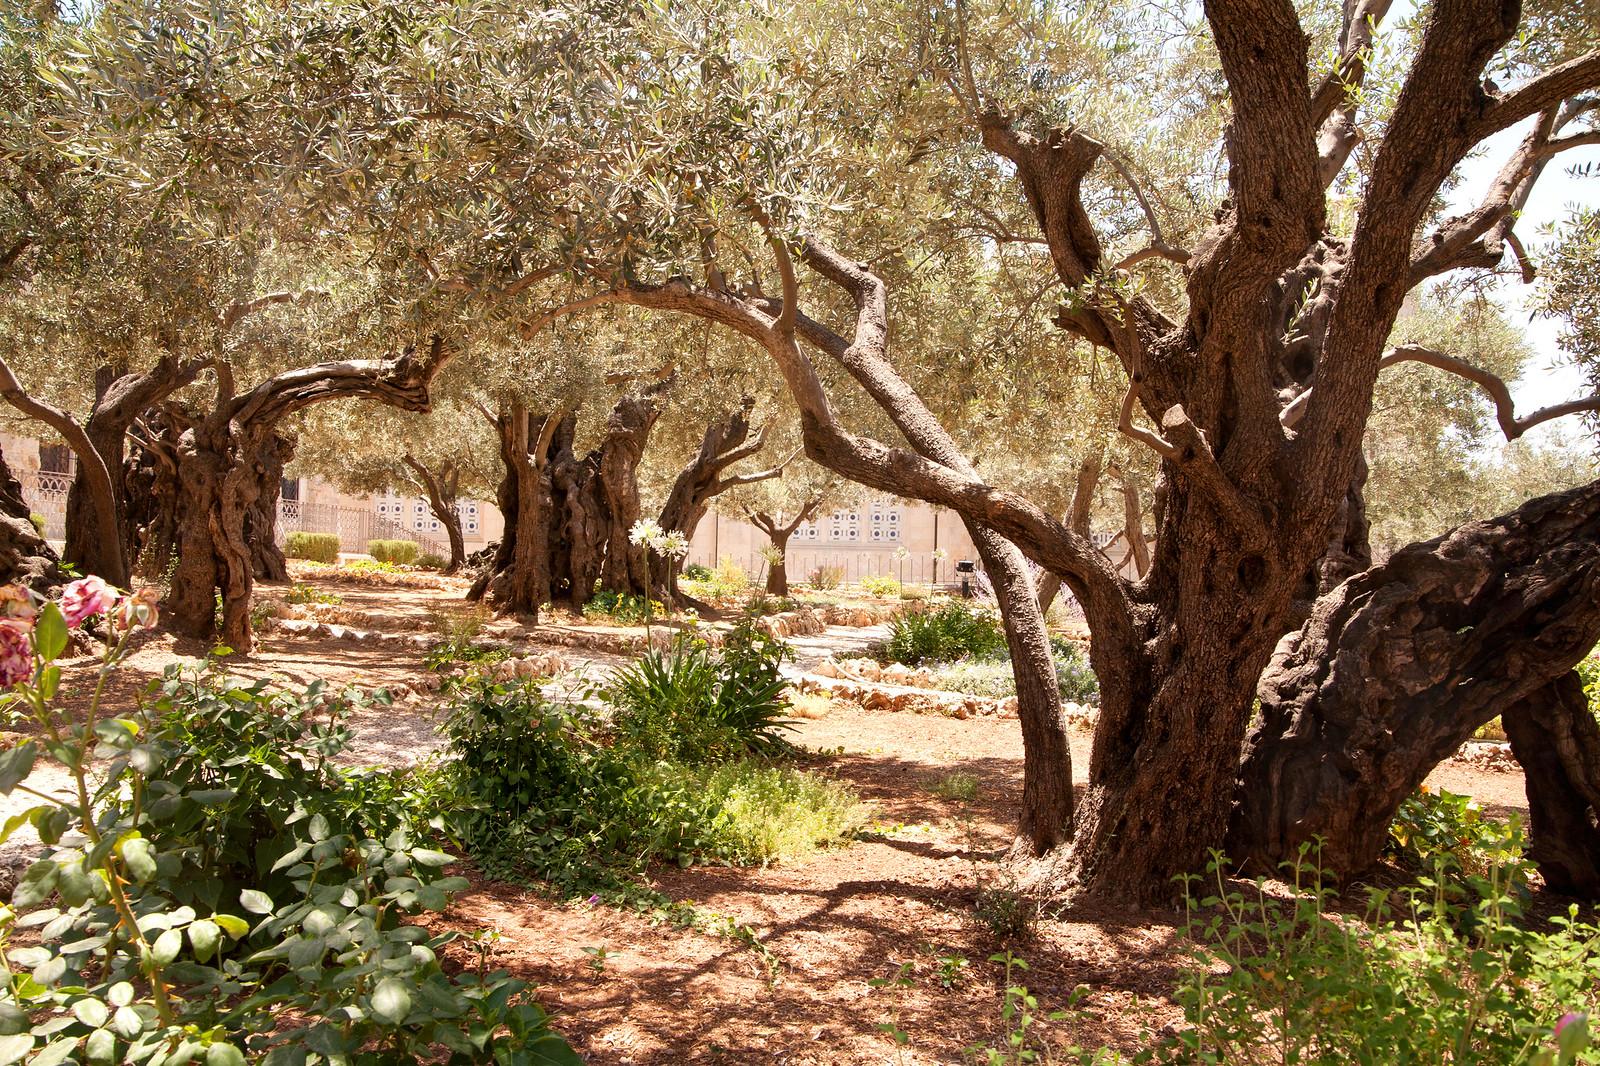 Jerusalem_Church of All Nations_Garden_Noam Chen_IMOT